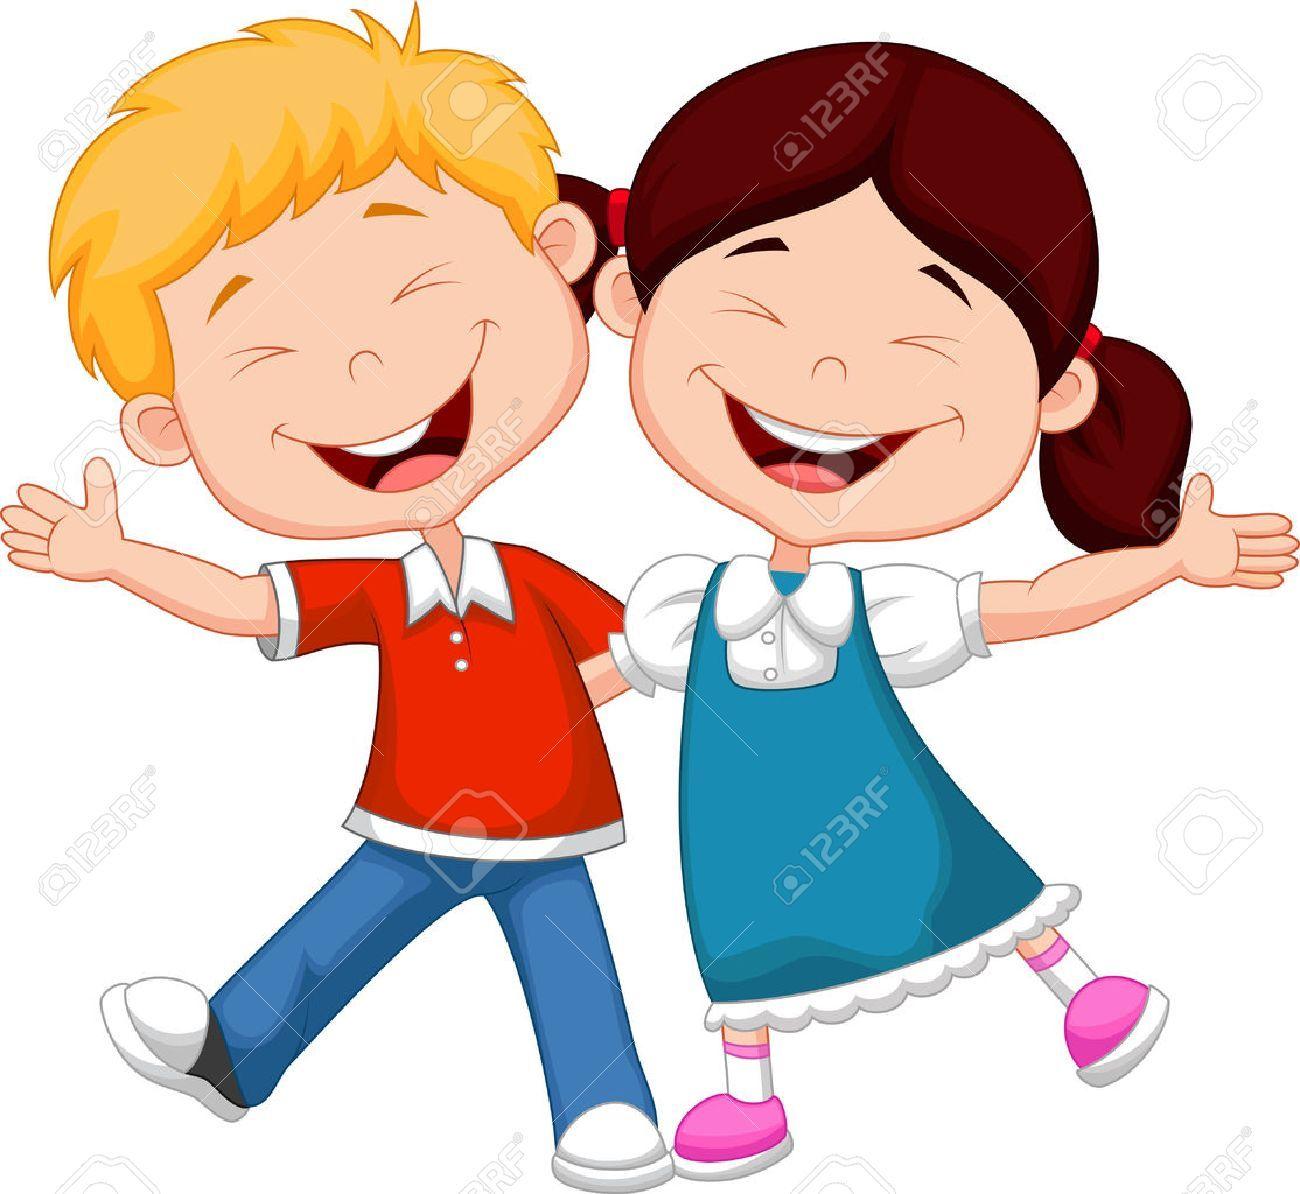 Desenho De Criancas Felizes Ninos Felices Dibujos Ninos Alegres Ninos Dibujos Animados